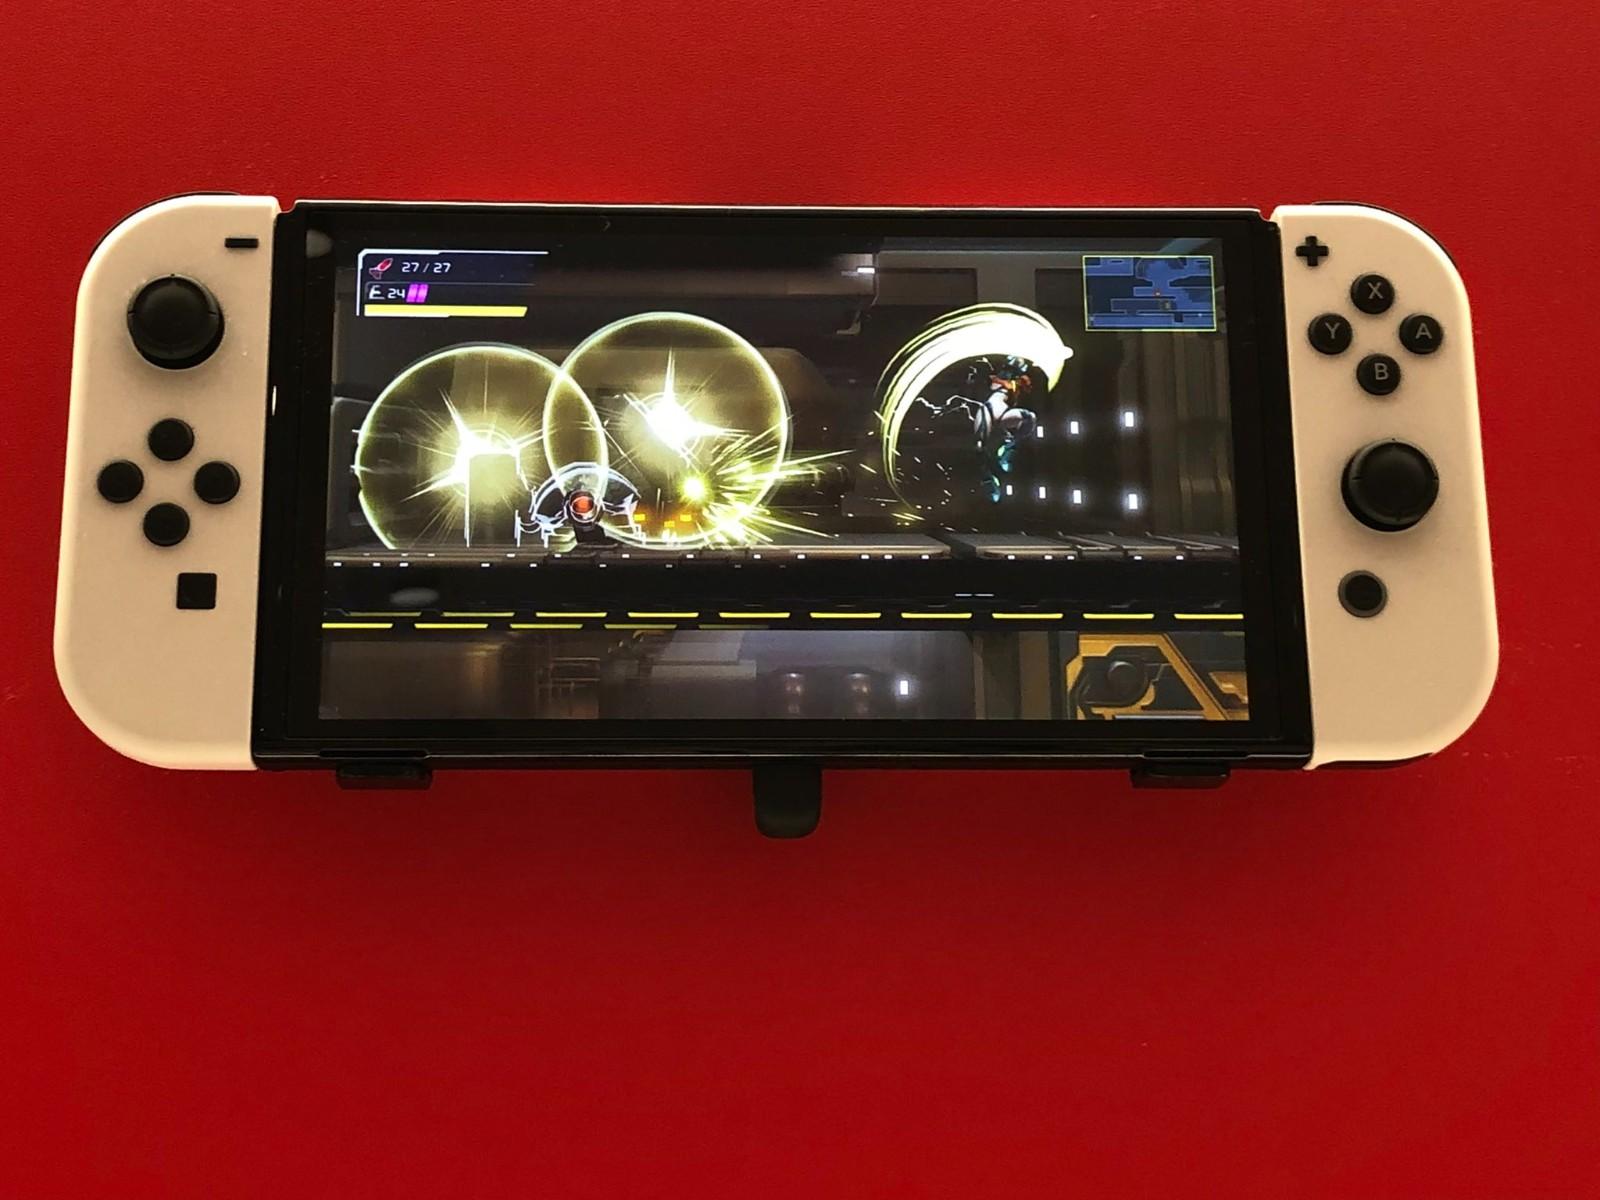 任天堂OLED Switch机型对外展示 首批真机照插图1